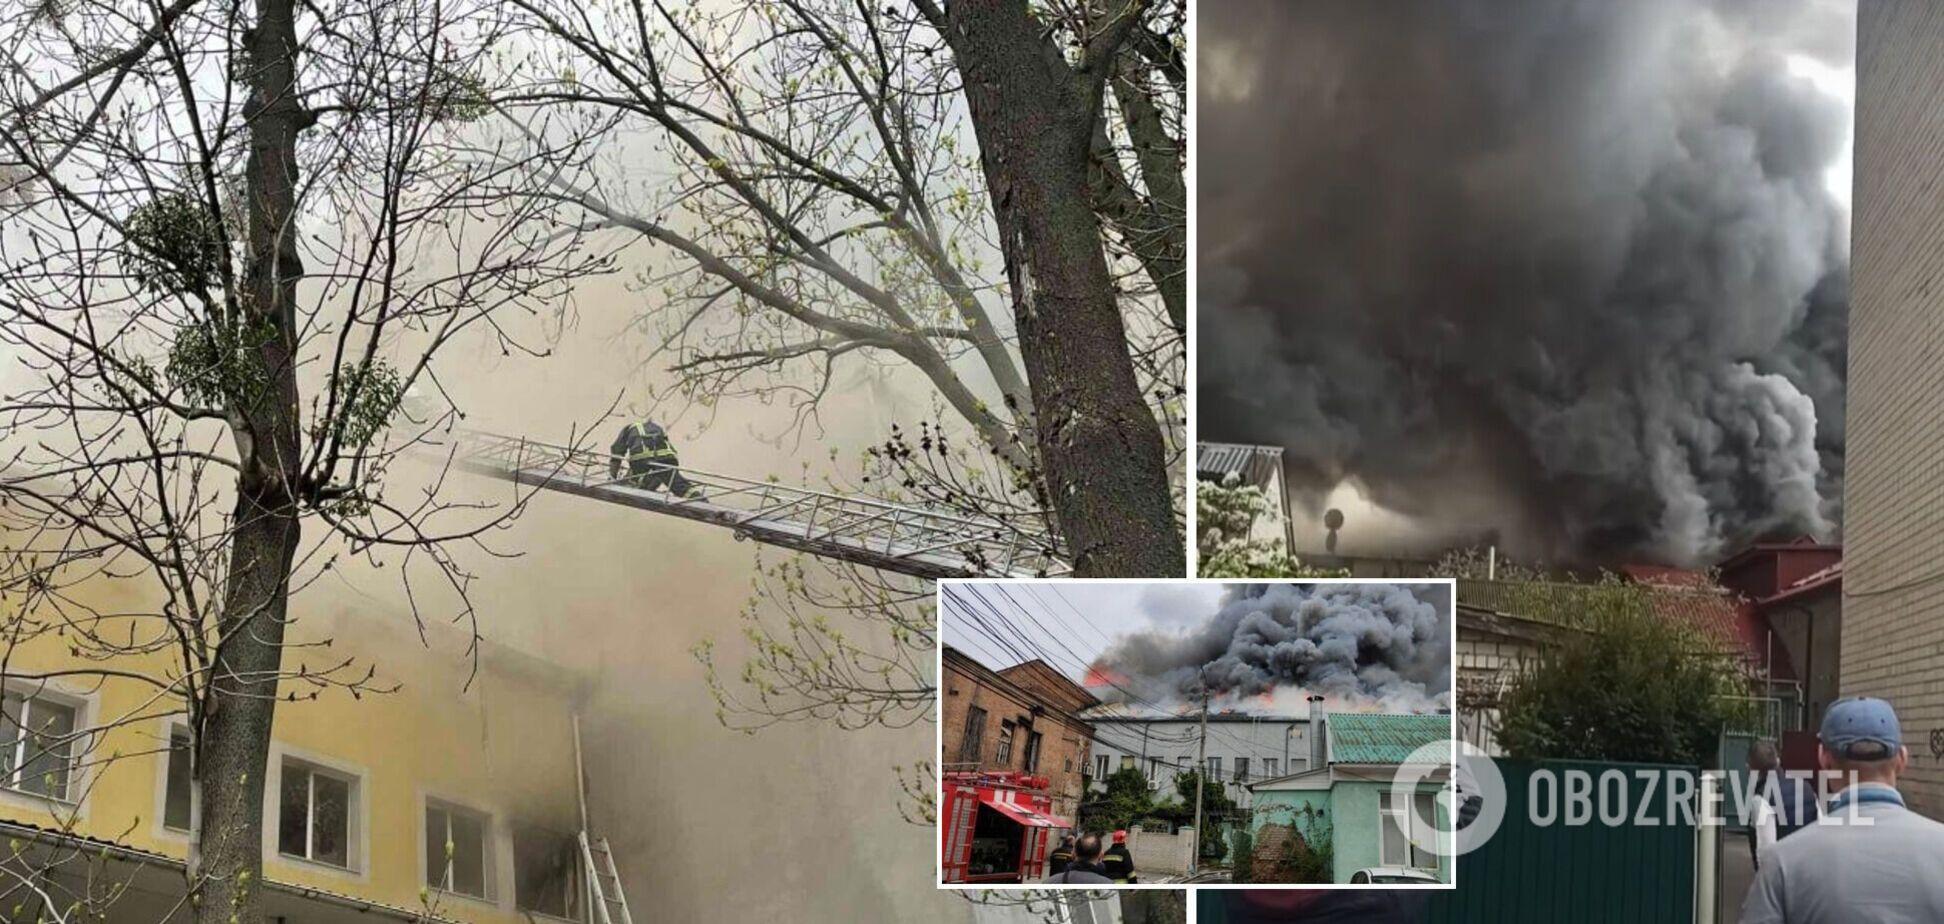 В Виннице сгорел офисный центр: погибла 21-летняя девушка. Фото и видео